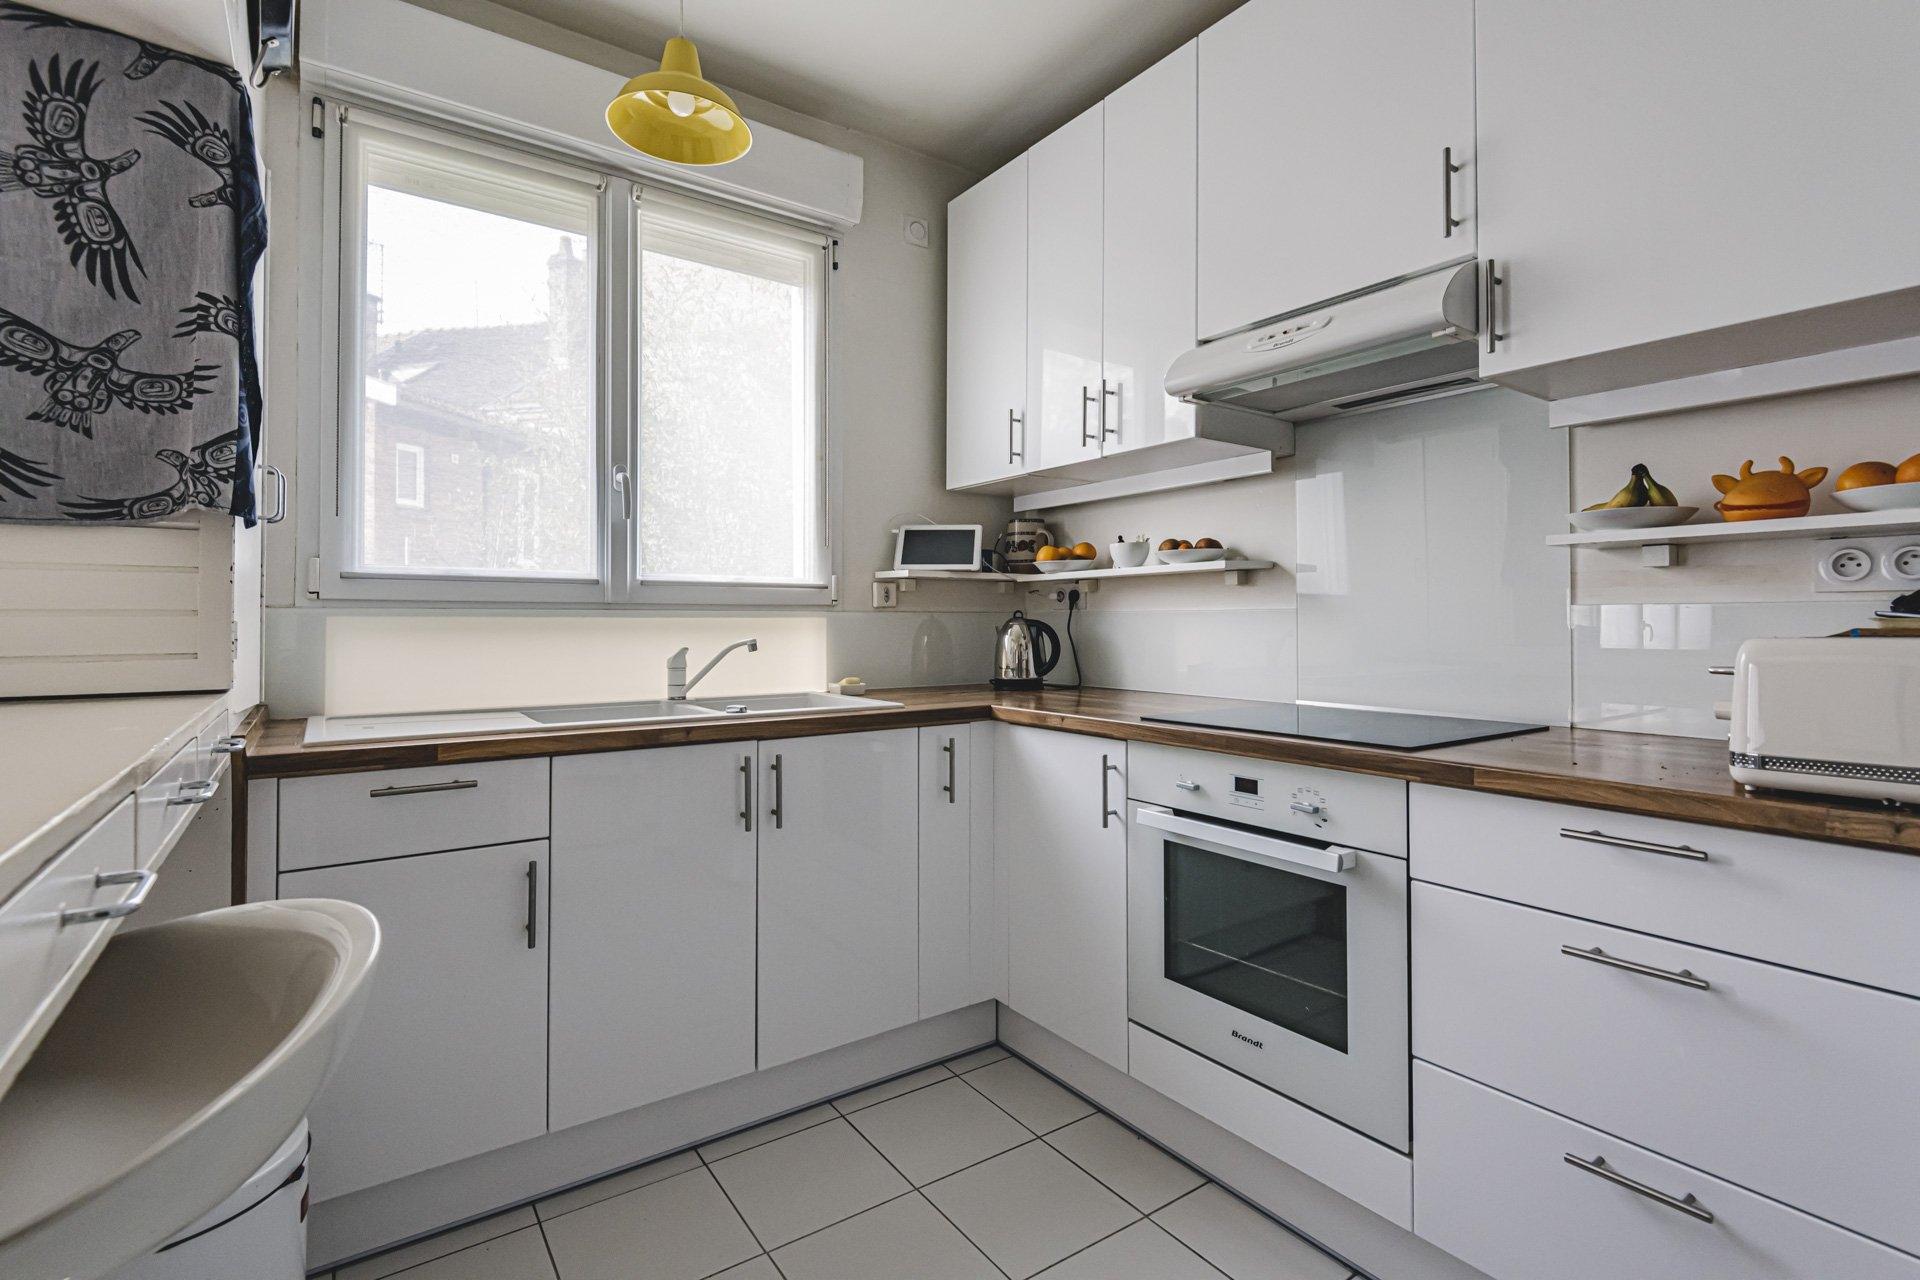 Maison Reims 5 Pièces 112 m2 - 4